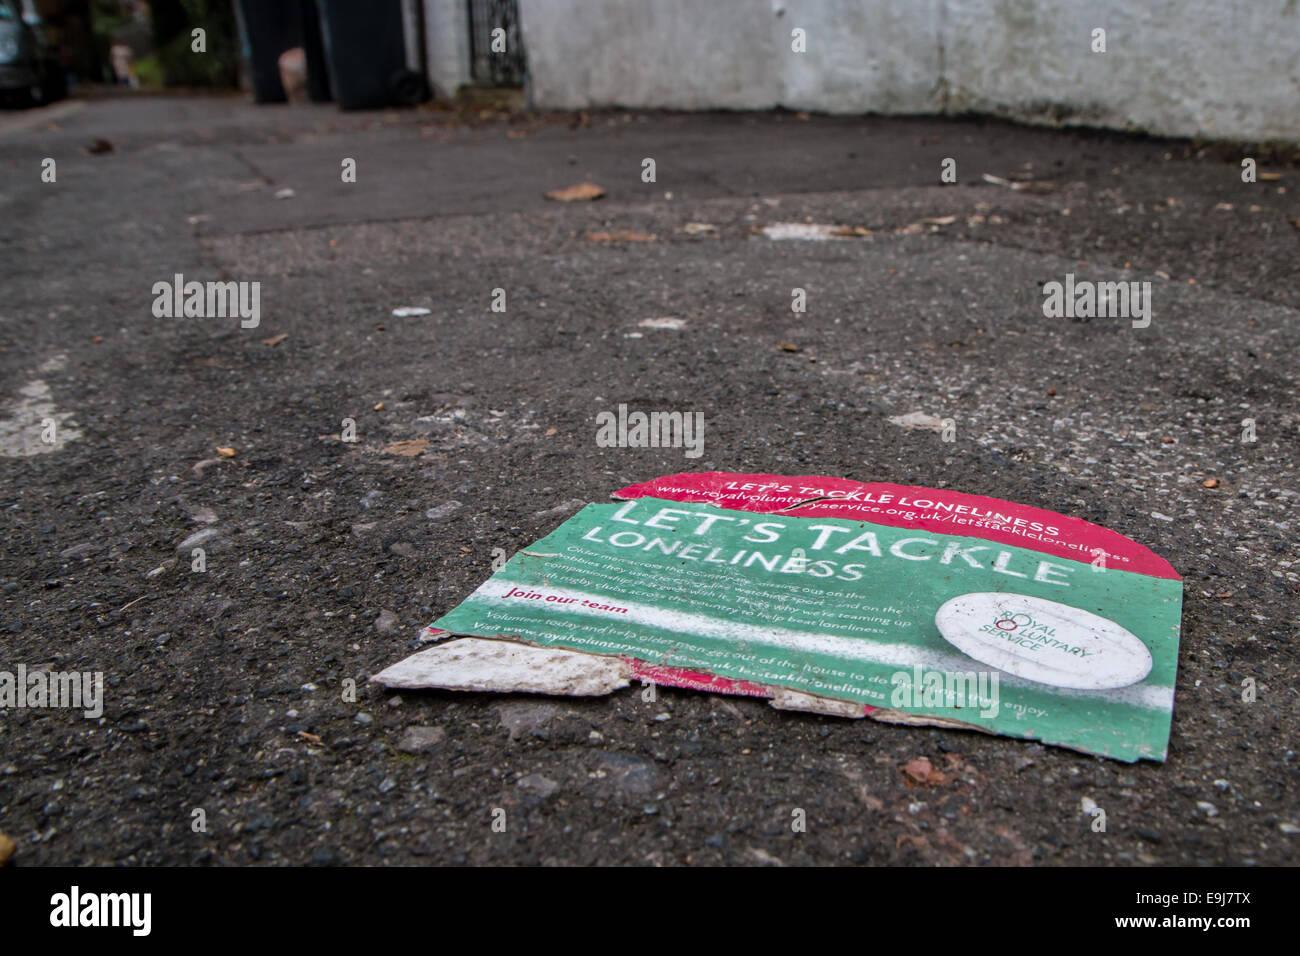 abandoned anti-loneliness leaflet Stock Photo